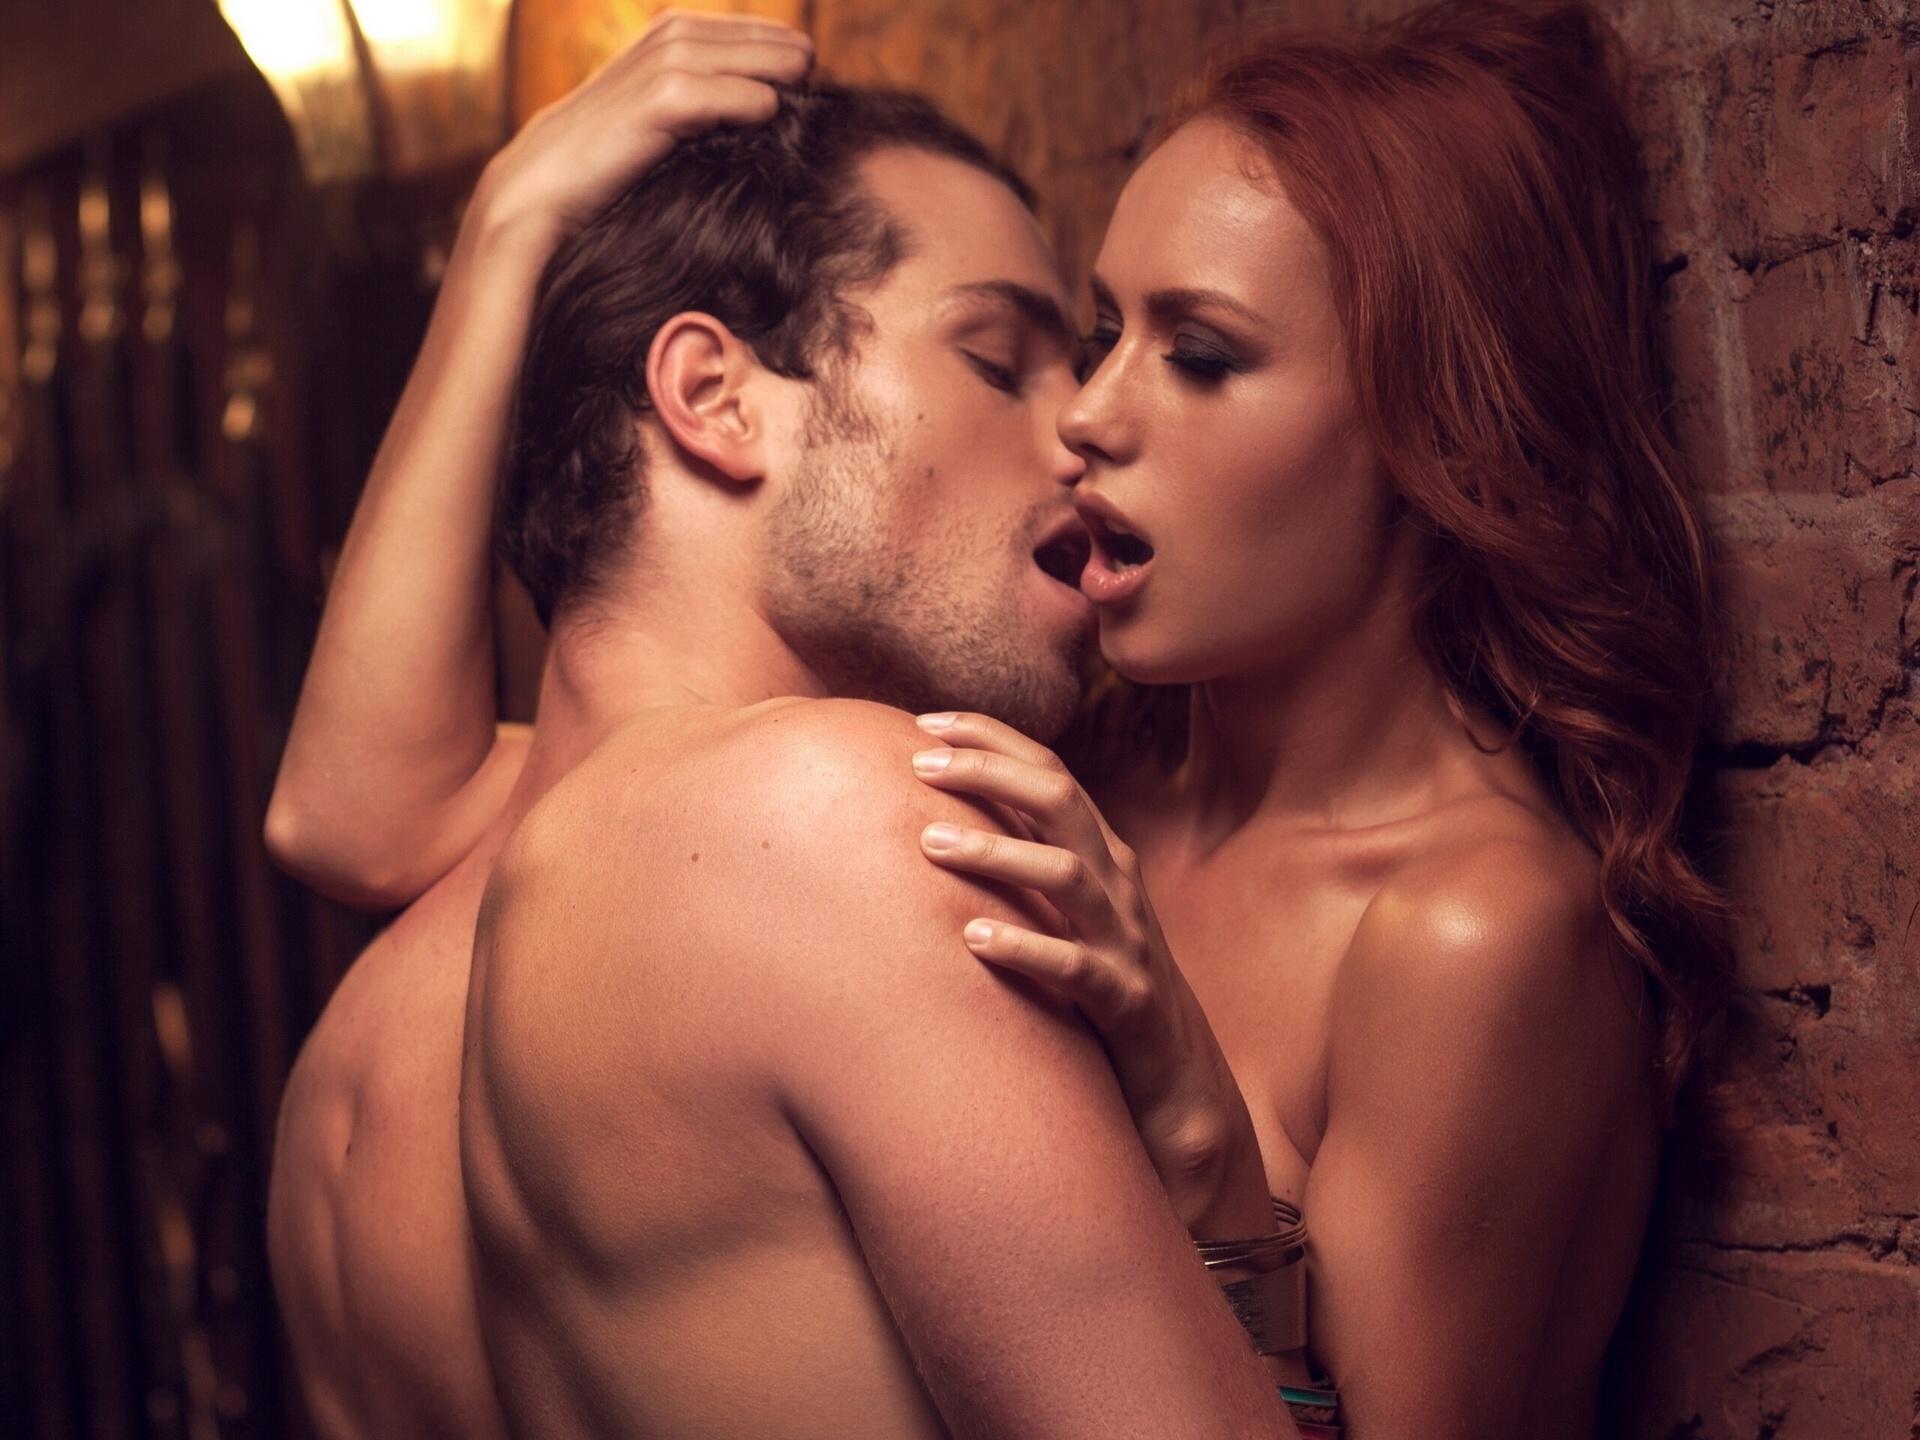 Типы сексуальных отношений, Типы сексуальных отношений. Хиромантия 34 фотография